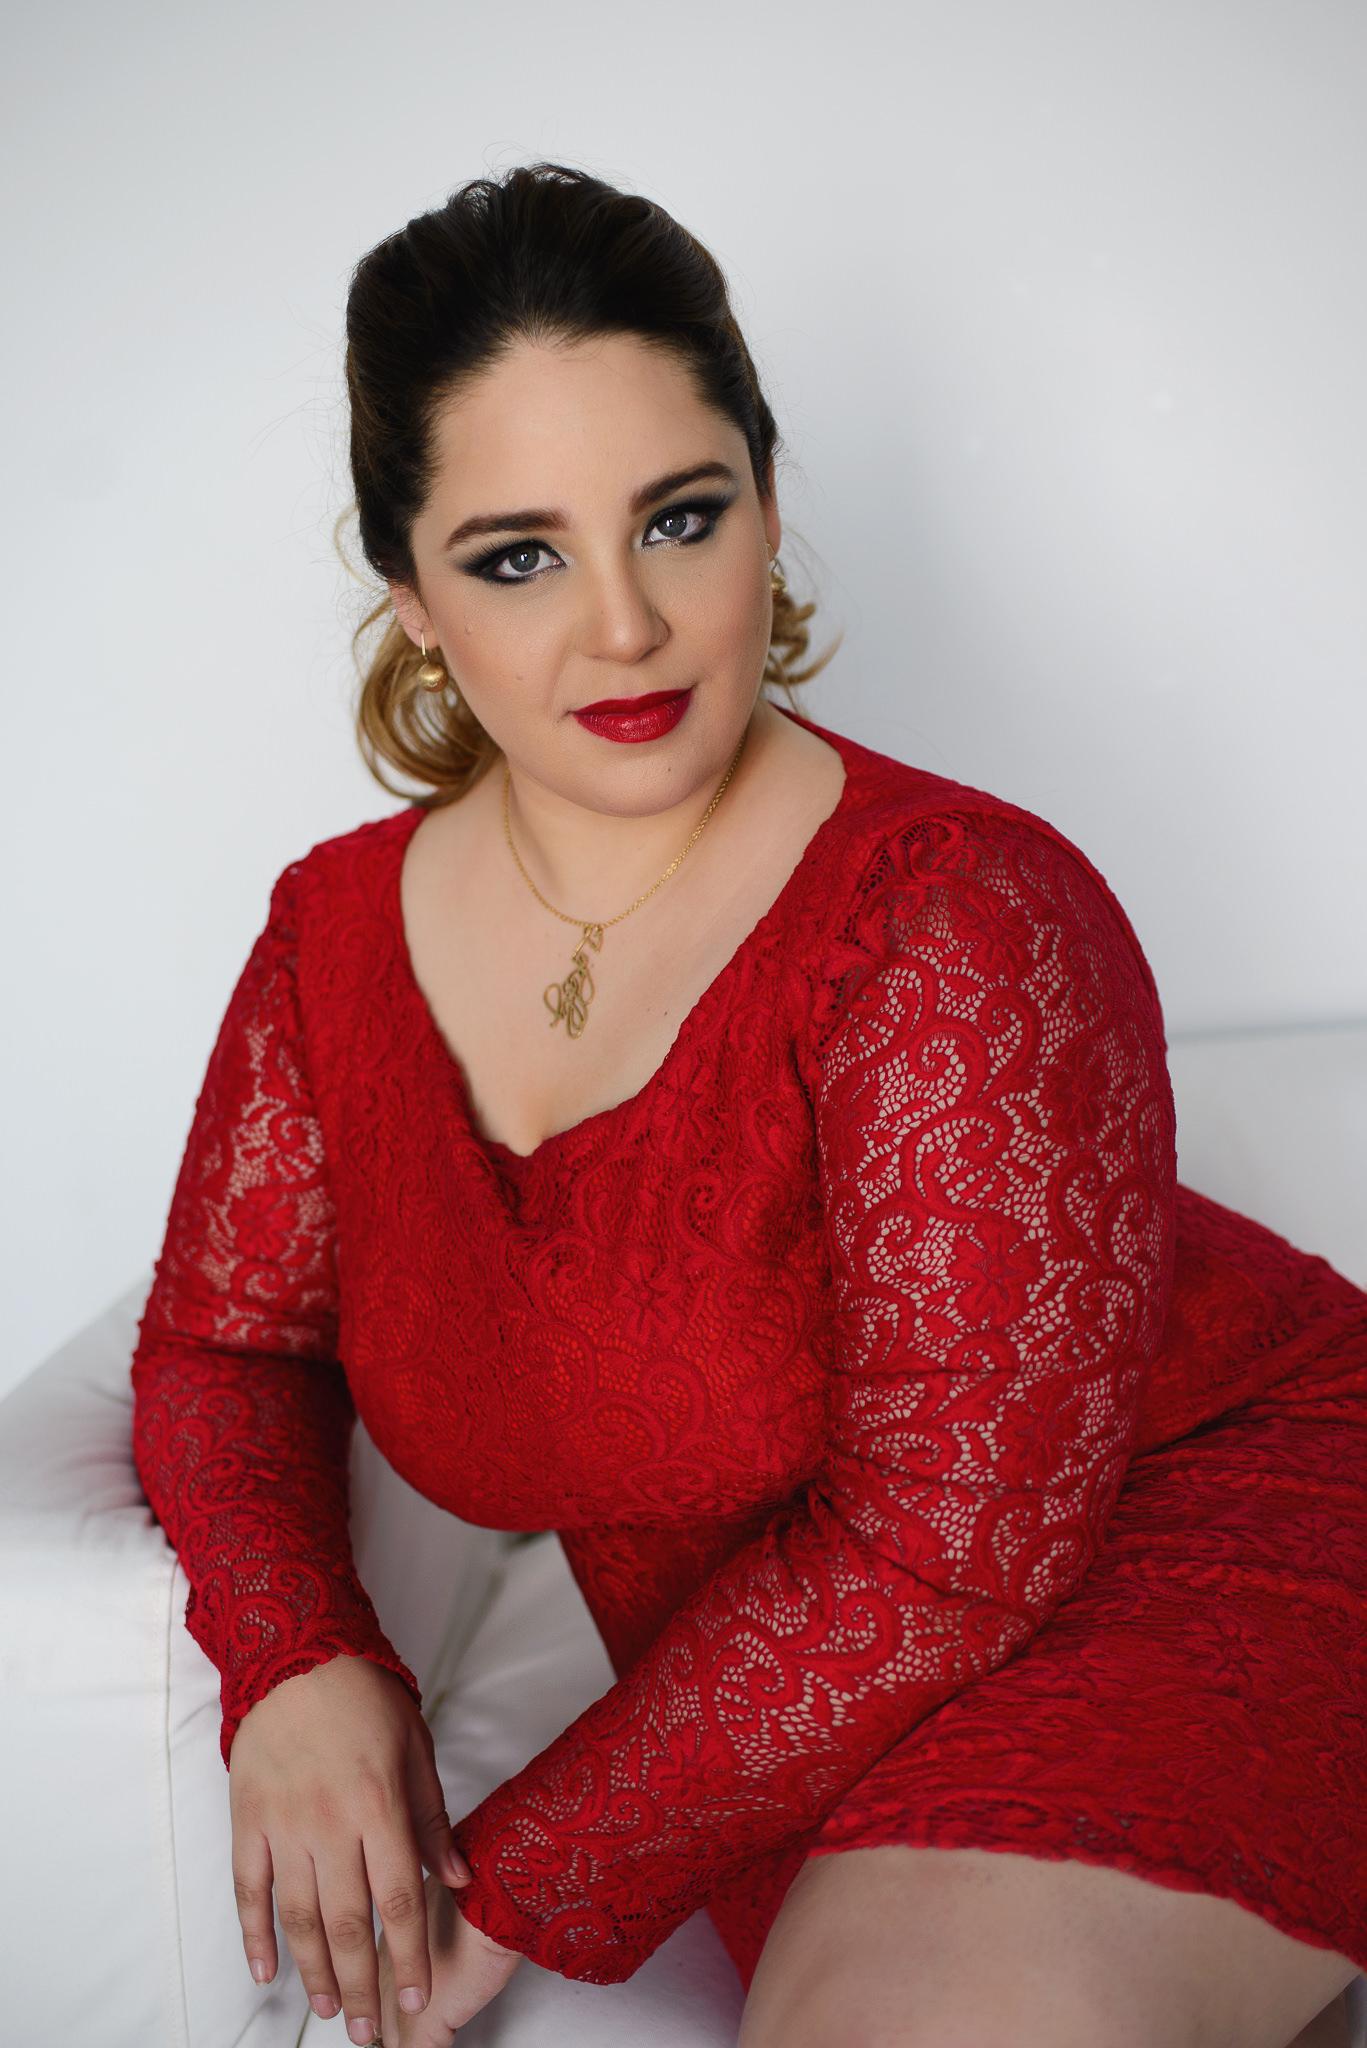 Sesion-fotos-mexicali-retrato-Zokally-Trejo